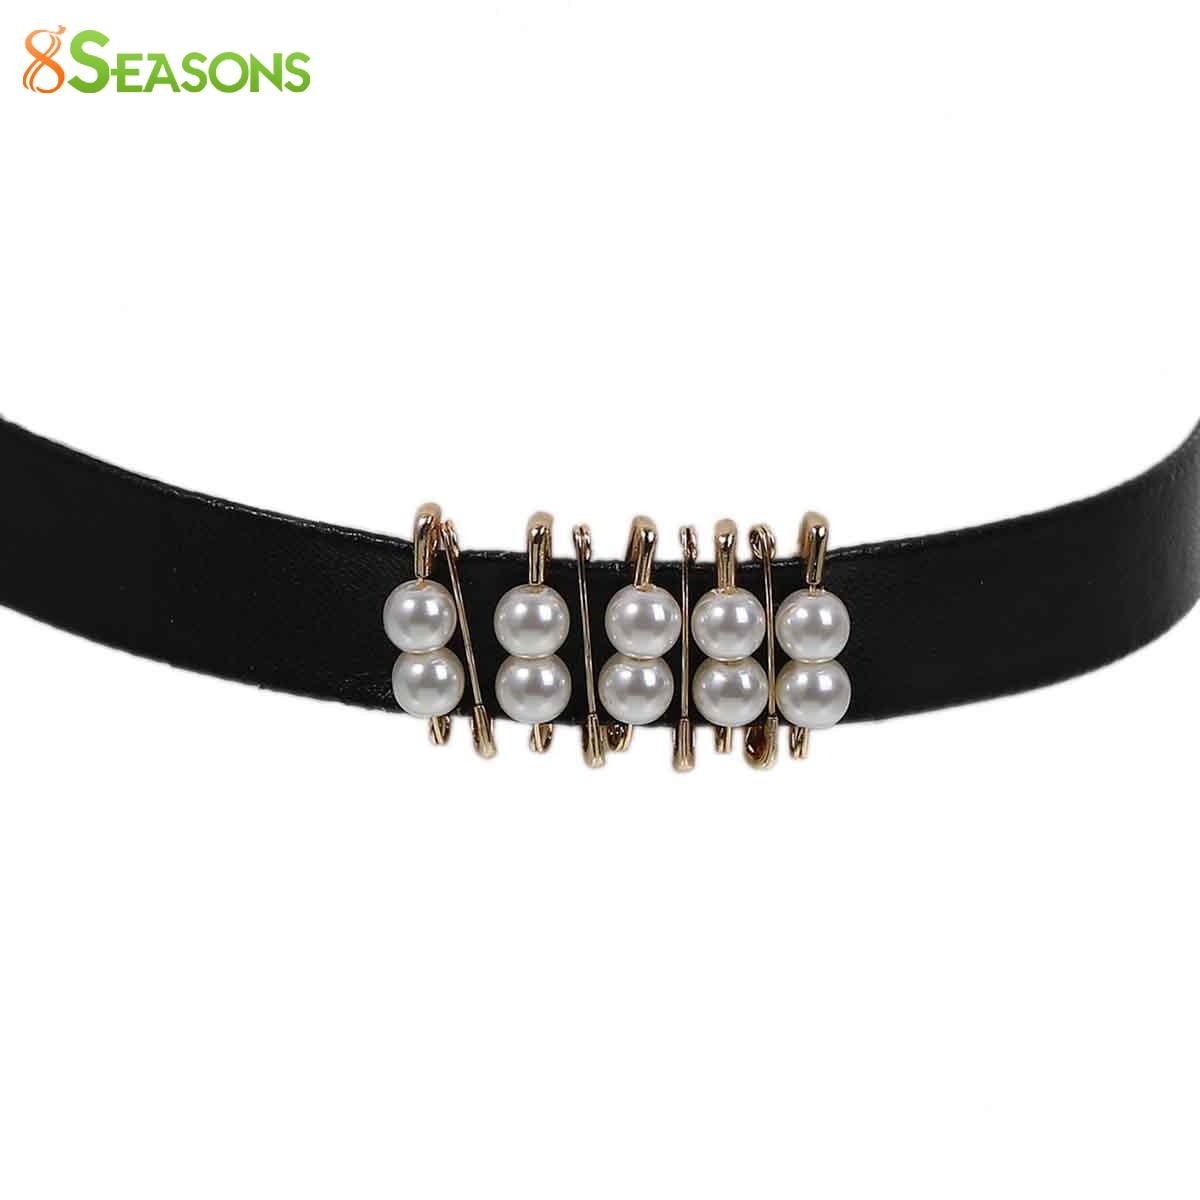 163552e32829 8 ESTACIONES de Nueva Negro PU Cuero Gargantilla Collar Chapado En Oro  Alfileres de gancho Blanco Acrílico perlas de imitación de 34 cm (13 3 8